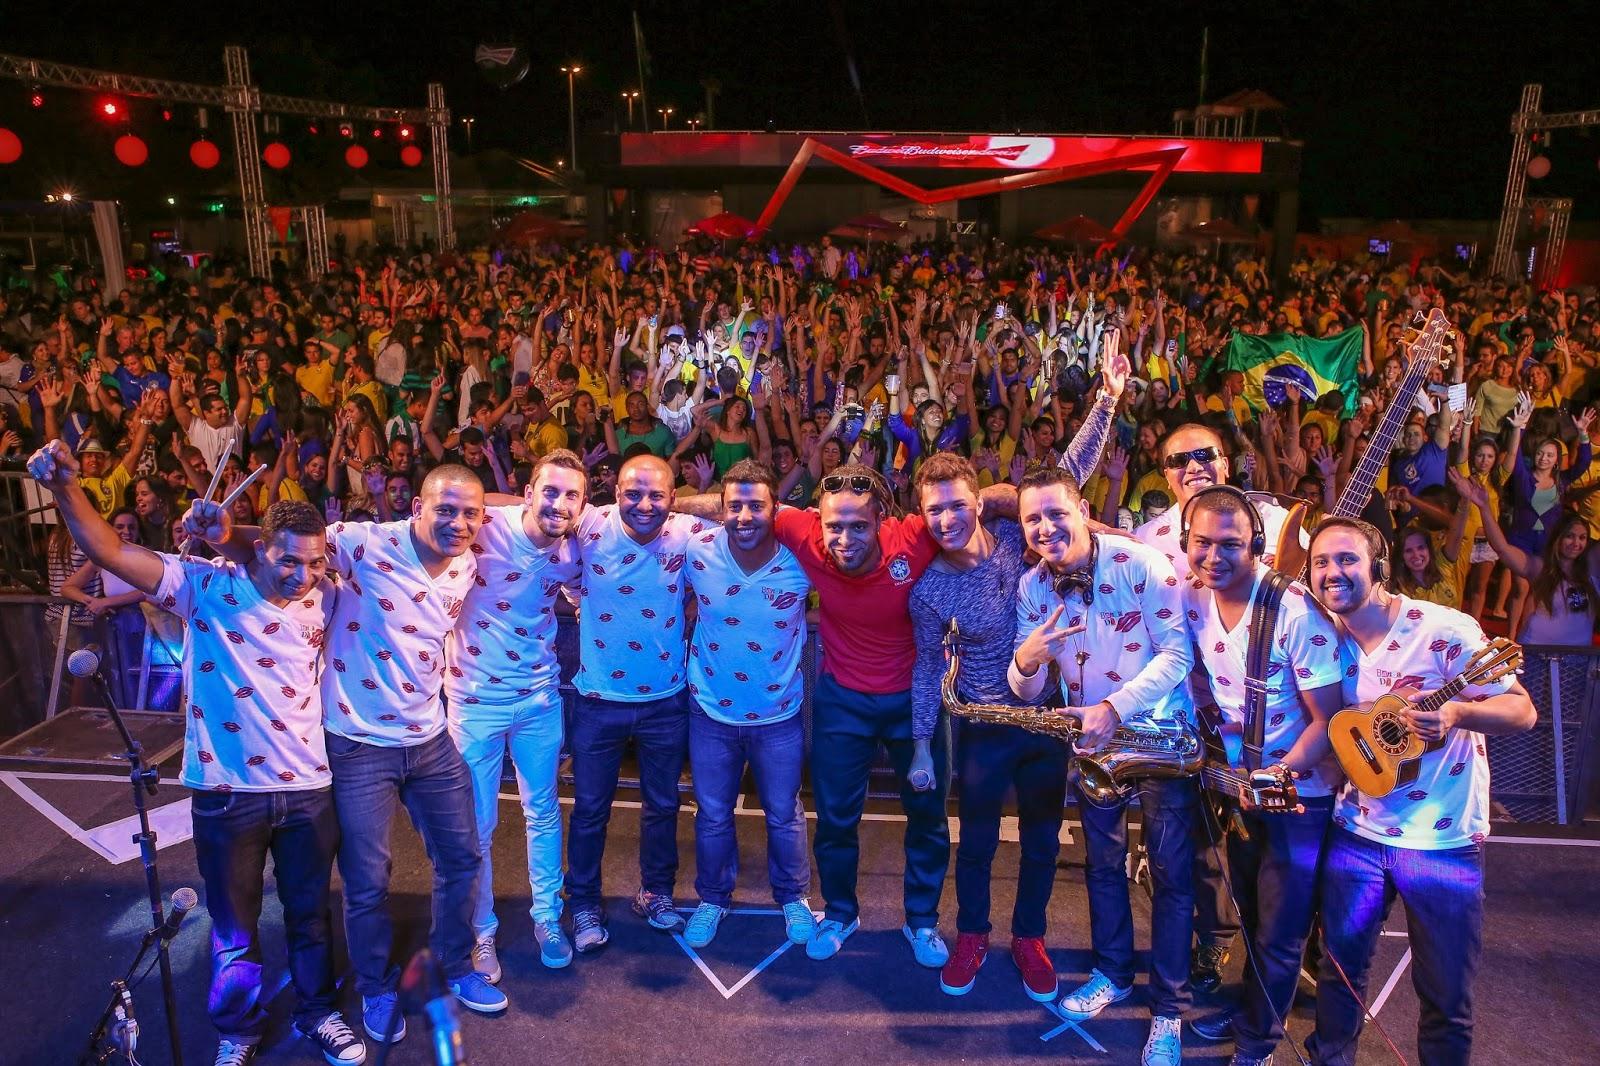 banda do primeiro beijo no santa copa em brasilia